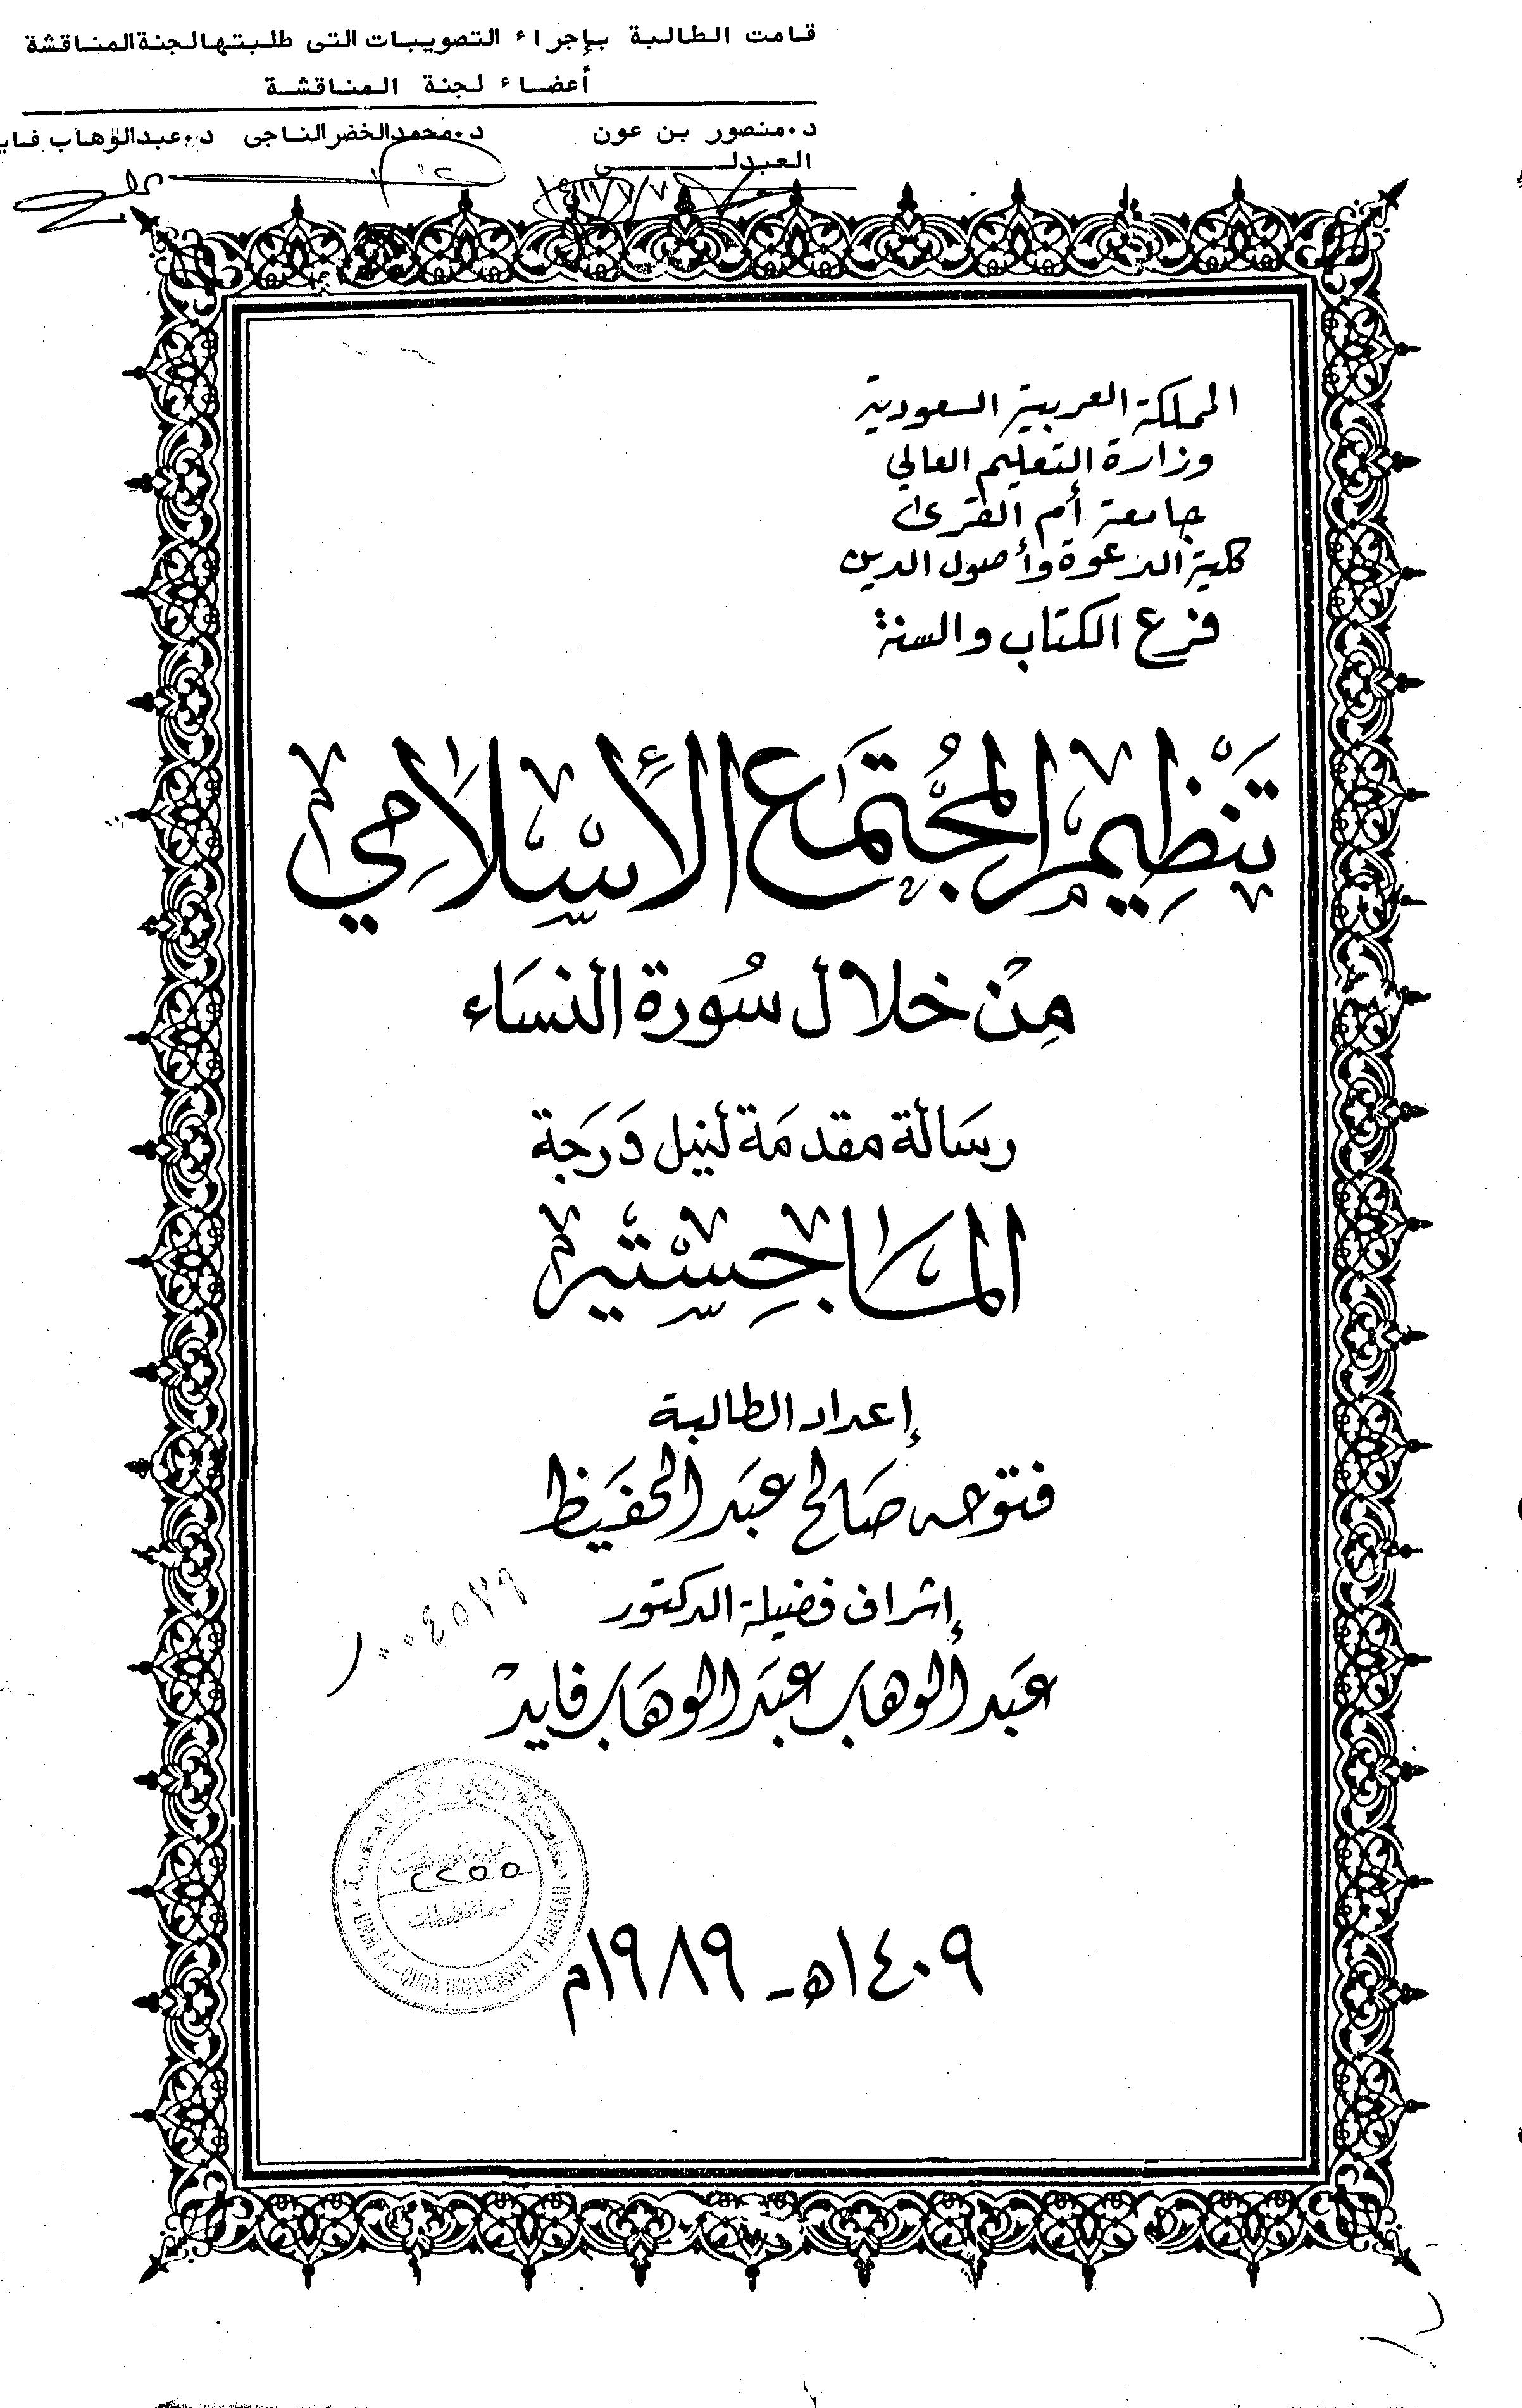 تحميل كتاب تنظيم المجتمع الإسلامي من خلال سورة النساء لـِ: فتوحة صالح عبد الحفيظ